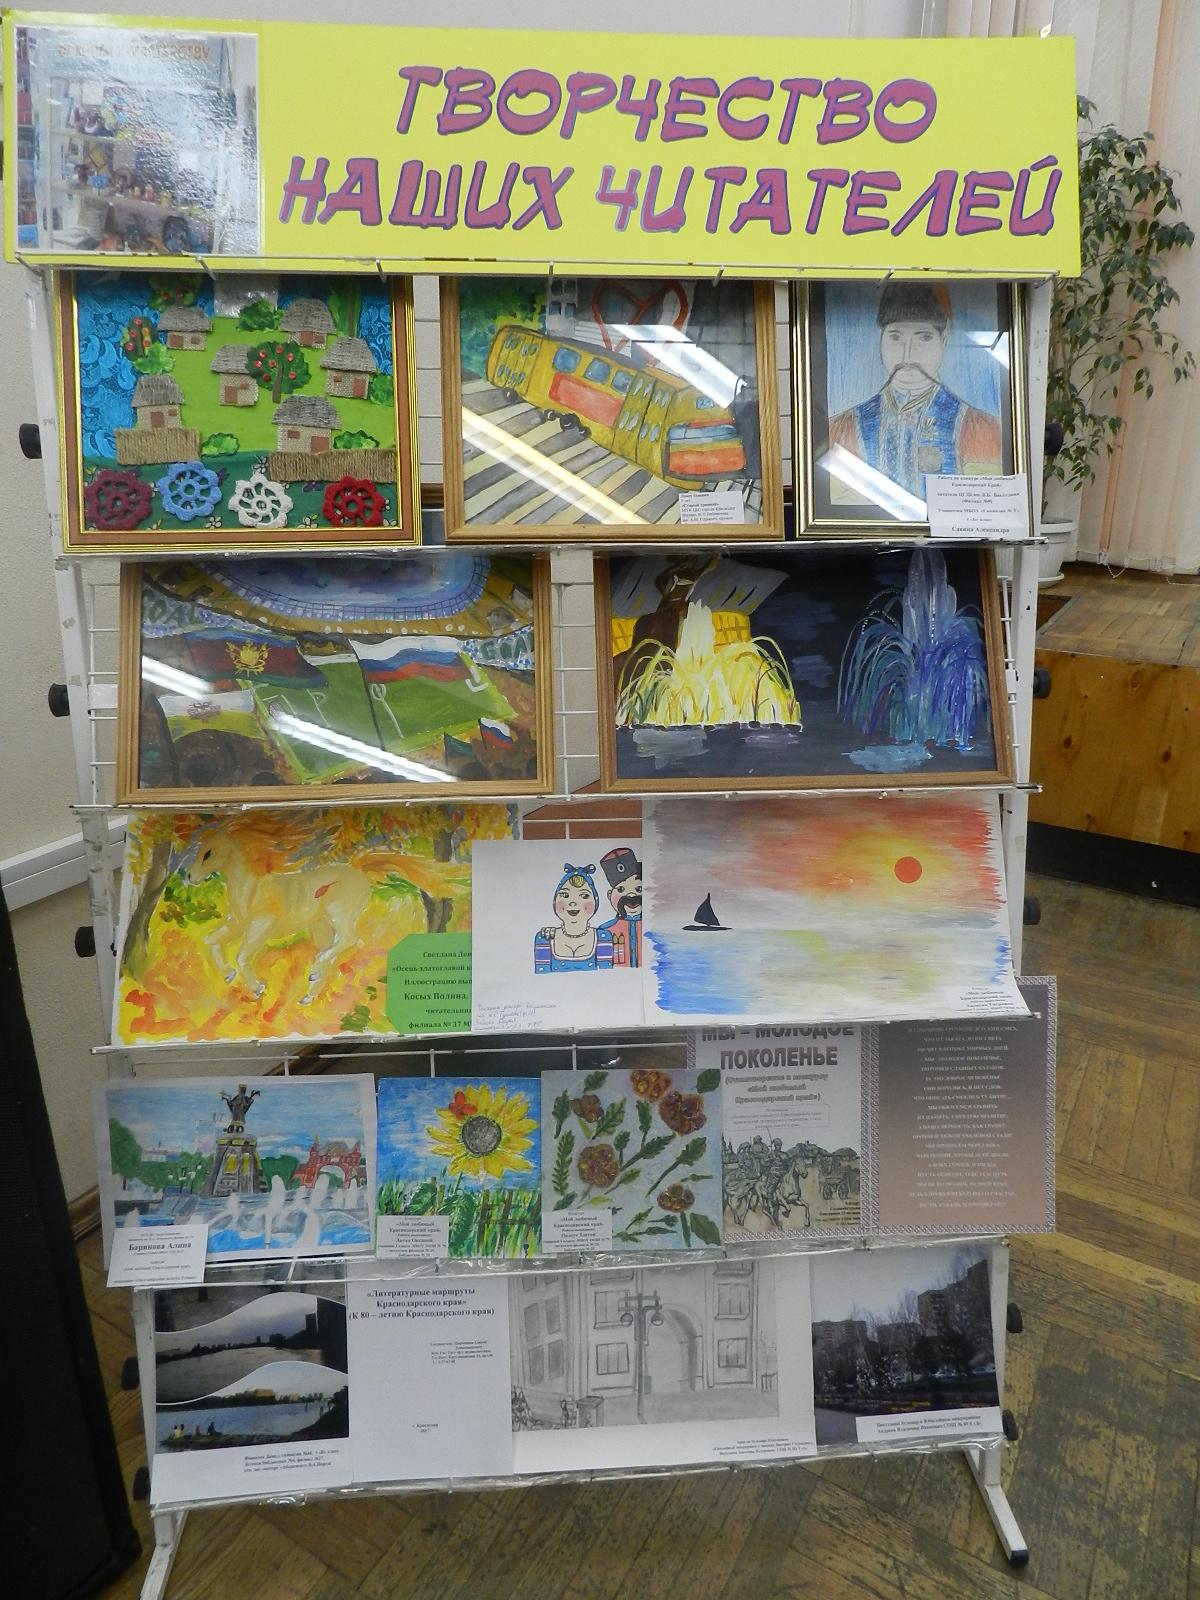 Конкурс библиотечный для читателей